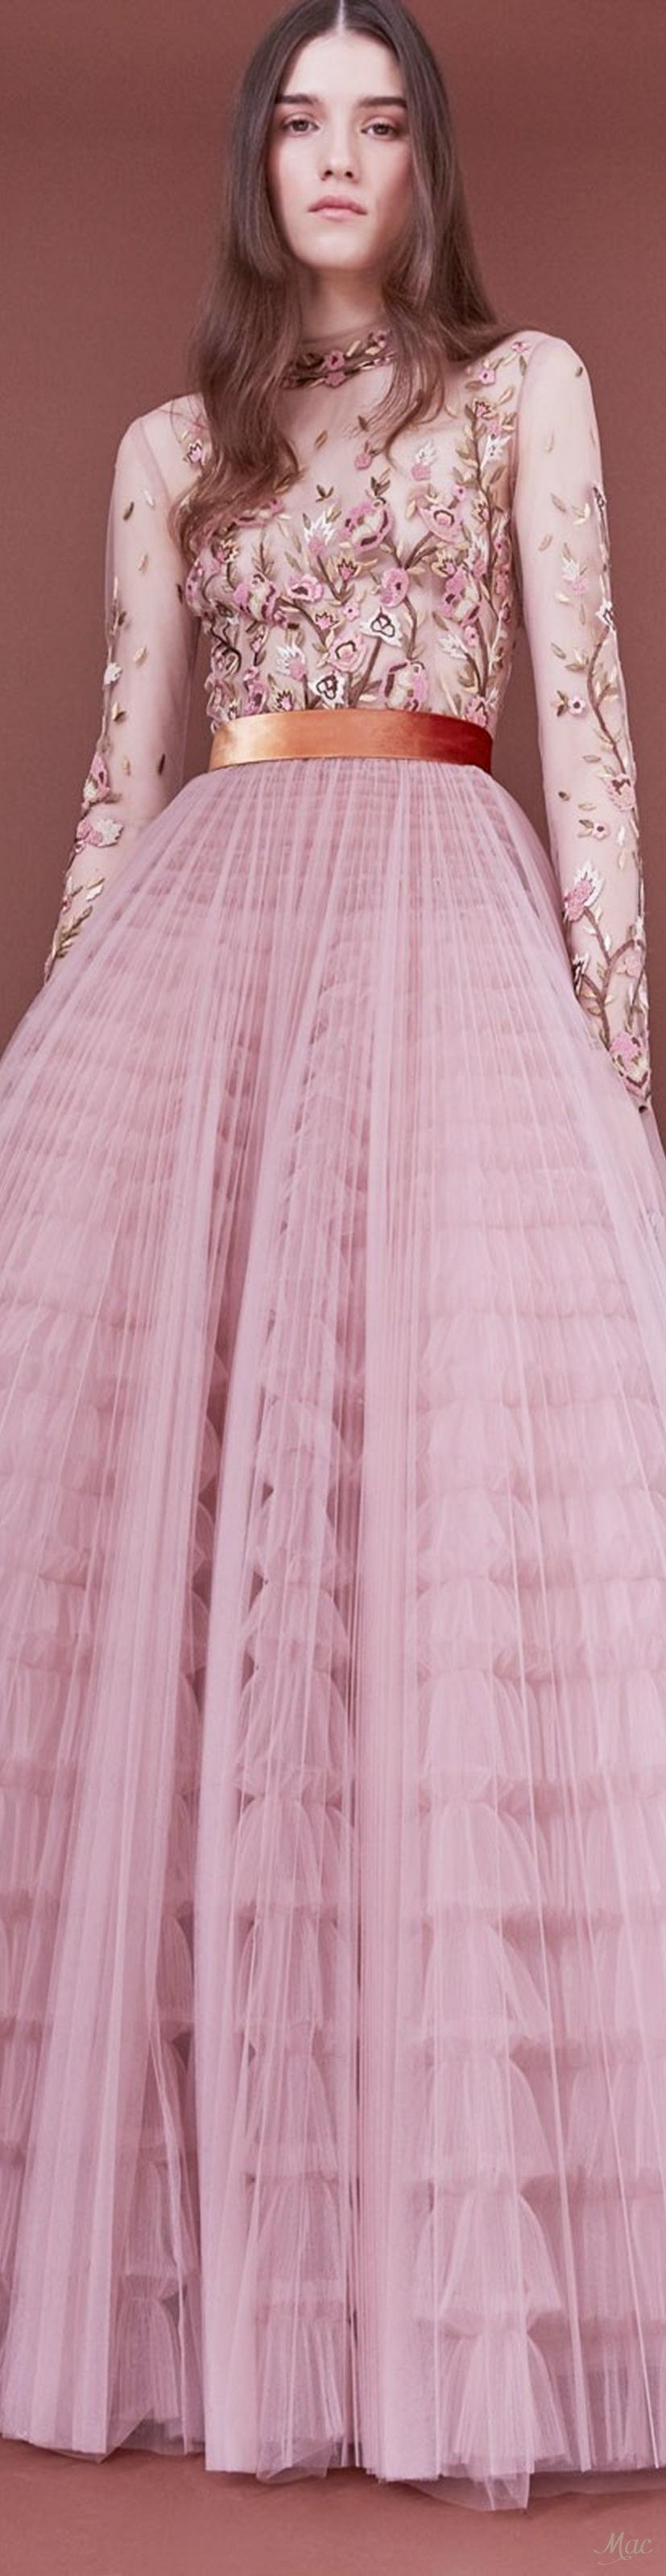 Pre-Fall 2018 J. Mendel | Fashion | Pinterest | Rosas rosadas y Rosas